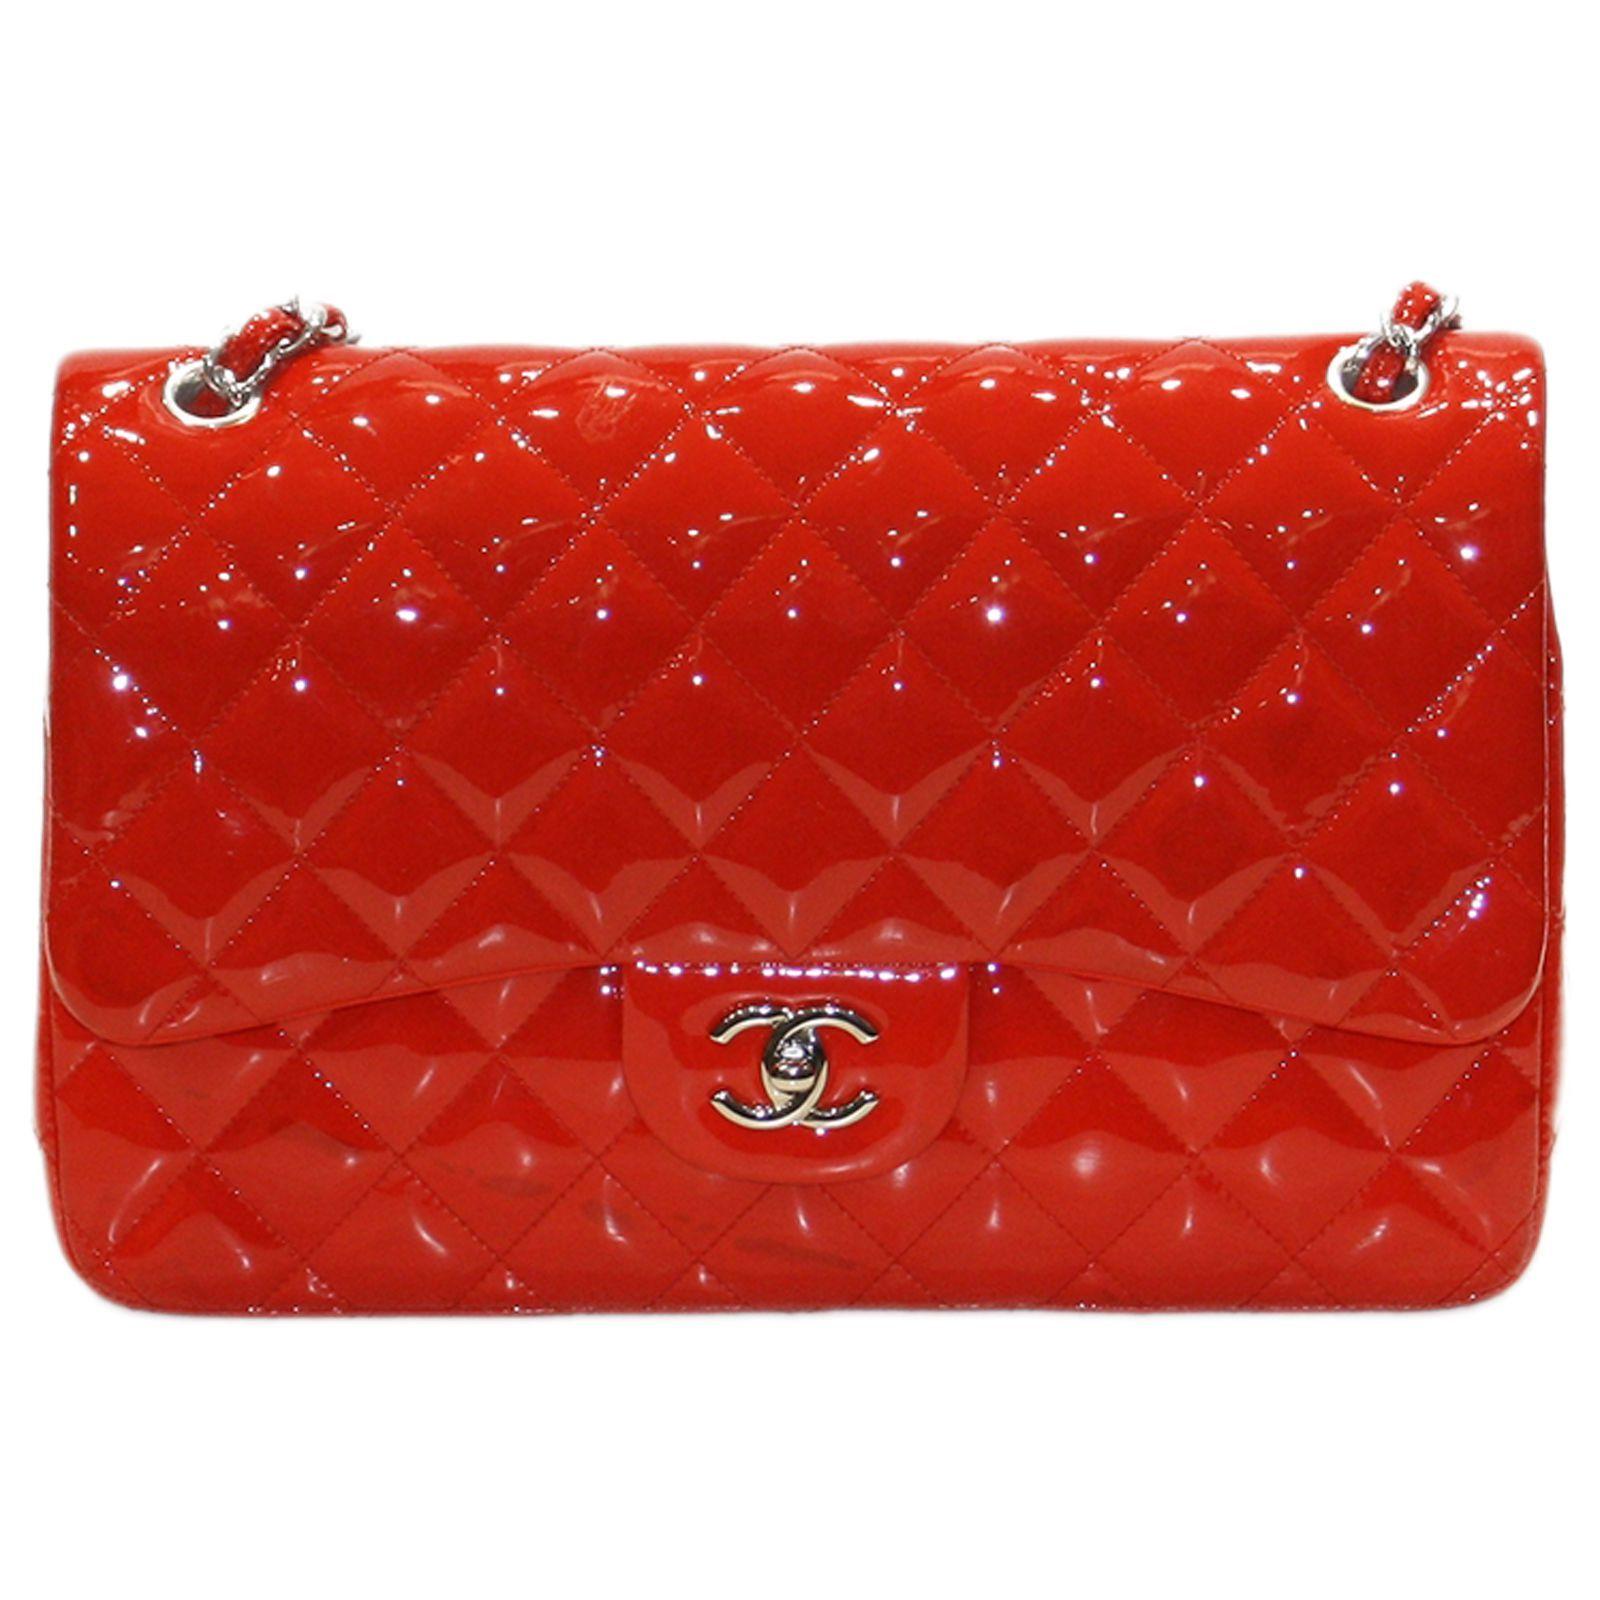 88b11d841a973e Sac porté épaule Chanel Jumbo Rouge Cuir verni d'occasion réf ...